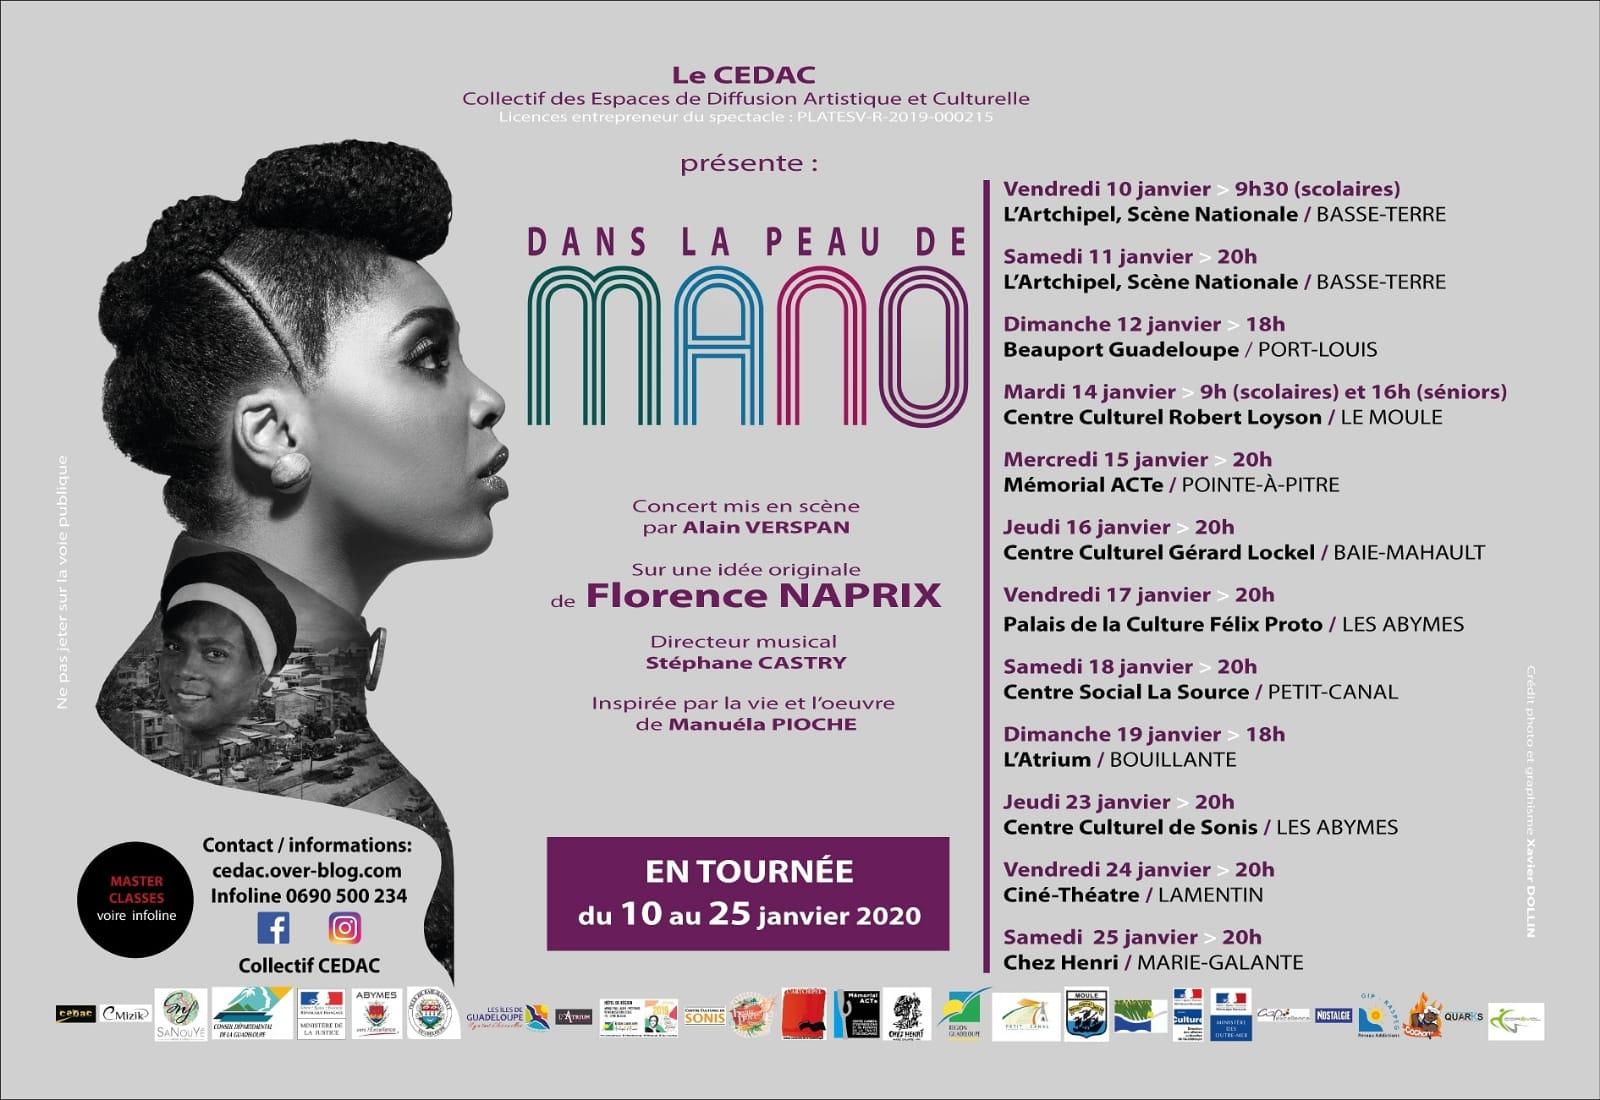 Flyer_Tournee-Dans-la-peau-de-mano-FlorenceNaprix-Guadeloupe-012020